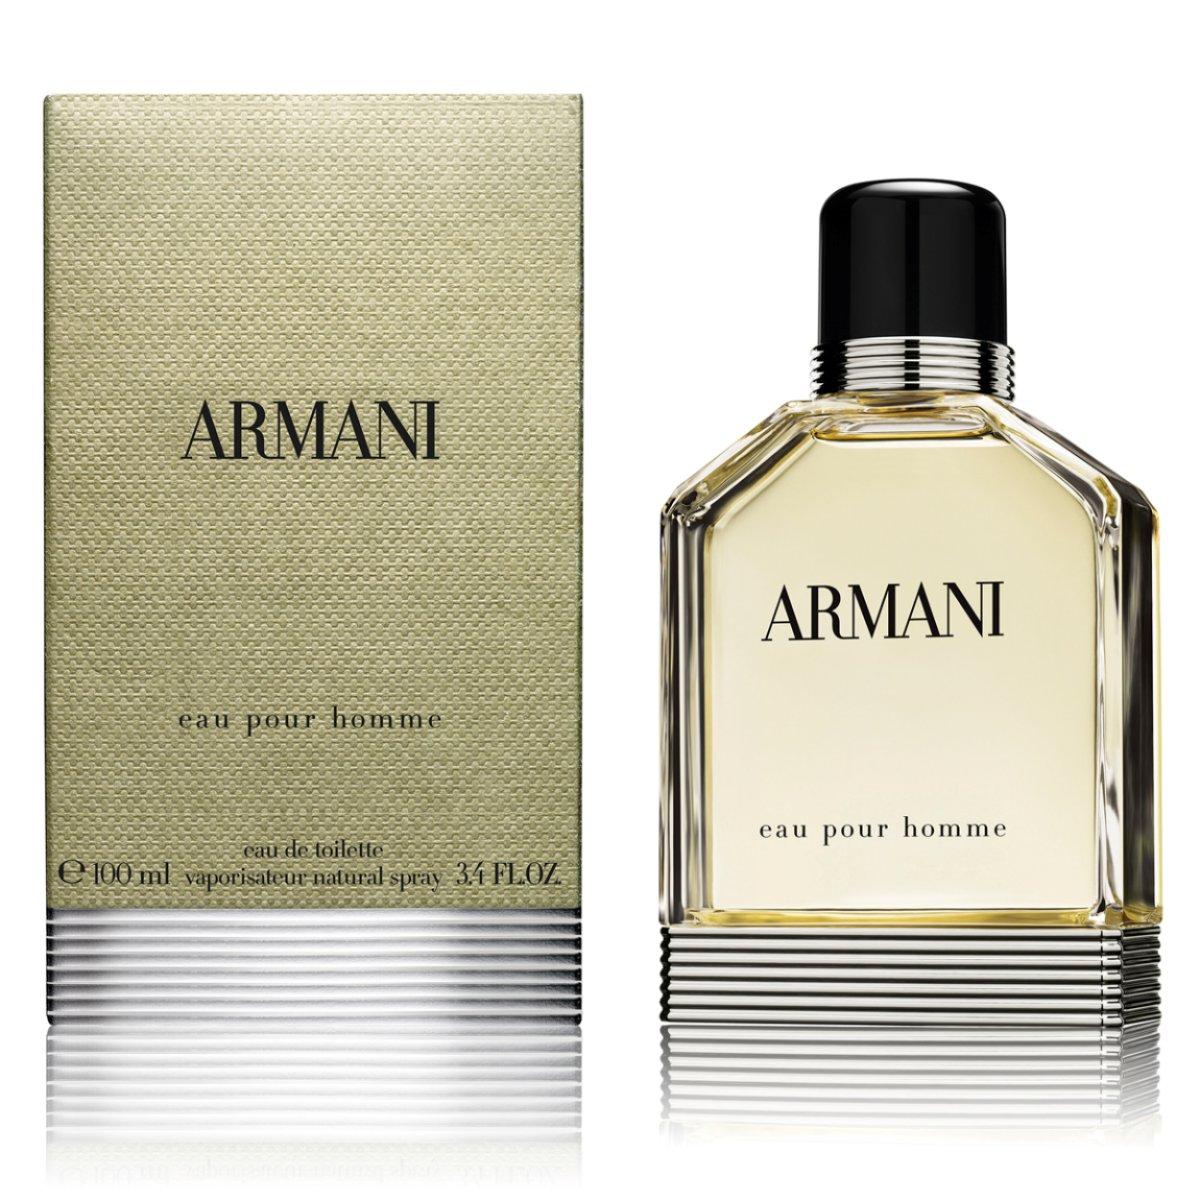 giorgio armani eau pour homme eau de toilette 100ml. Black Bedroom Furniture Sets. Home Design Ideas